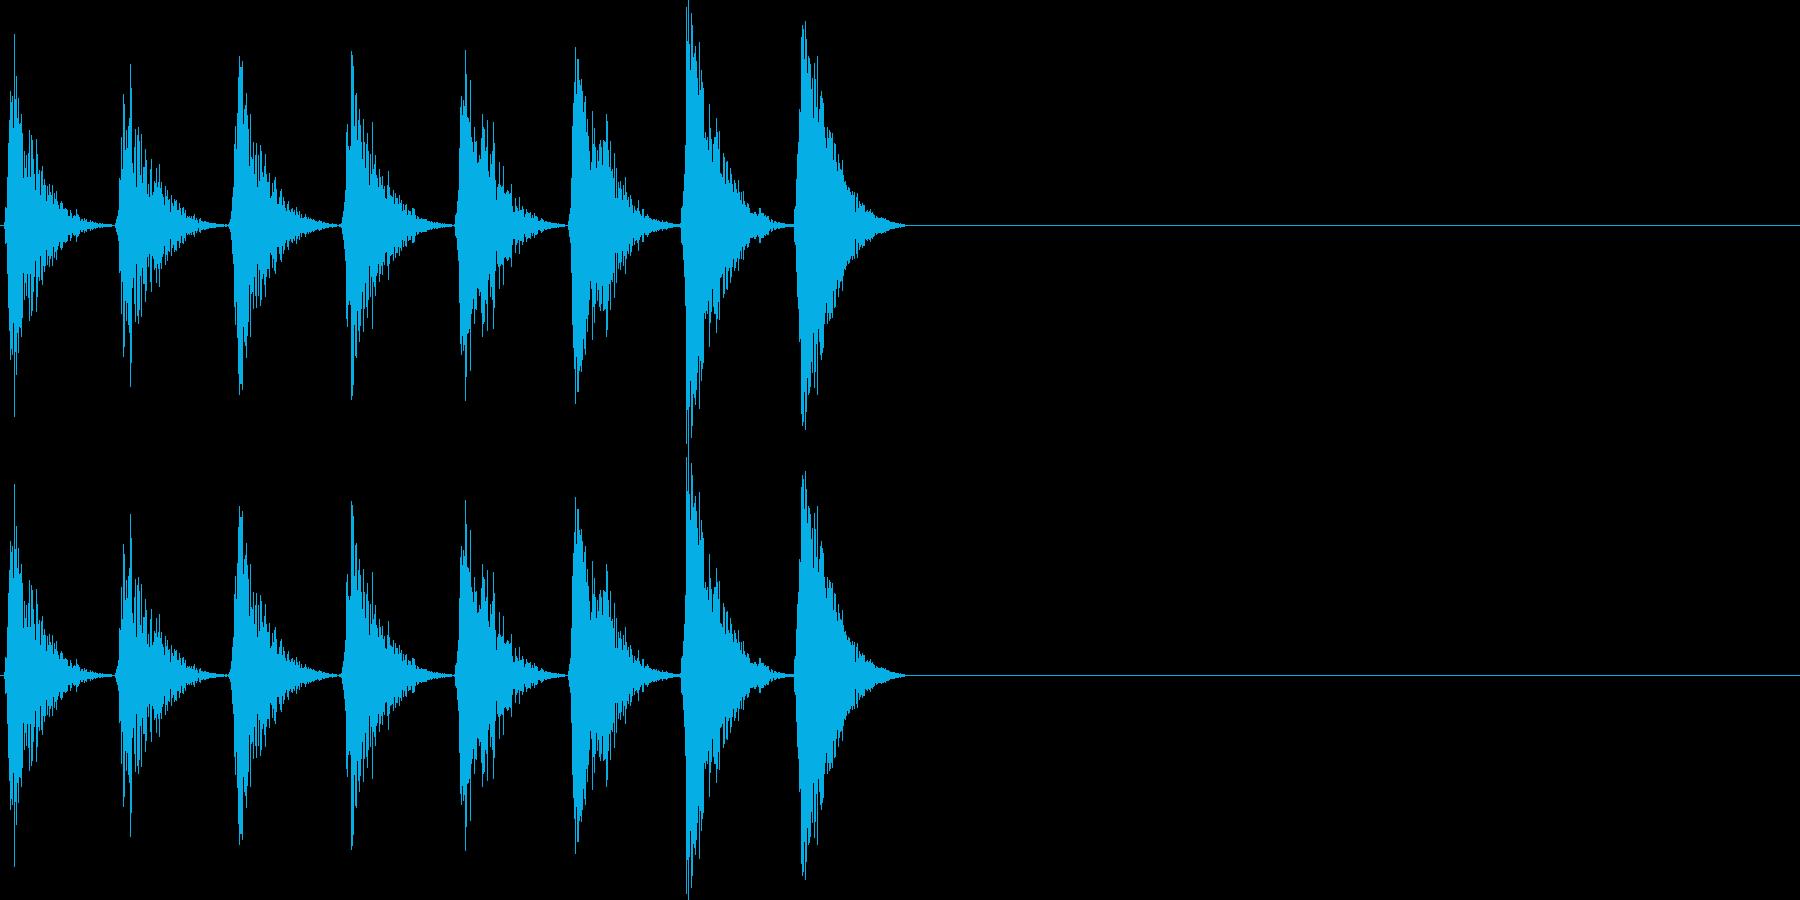 ノイズ ピッチアップ 16ビートの再生済みの波形